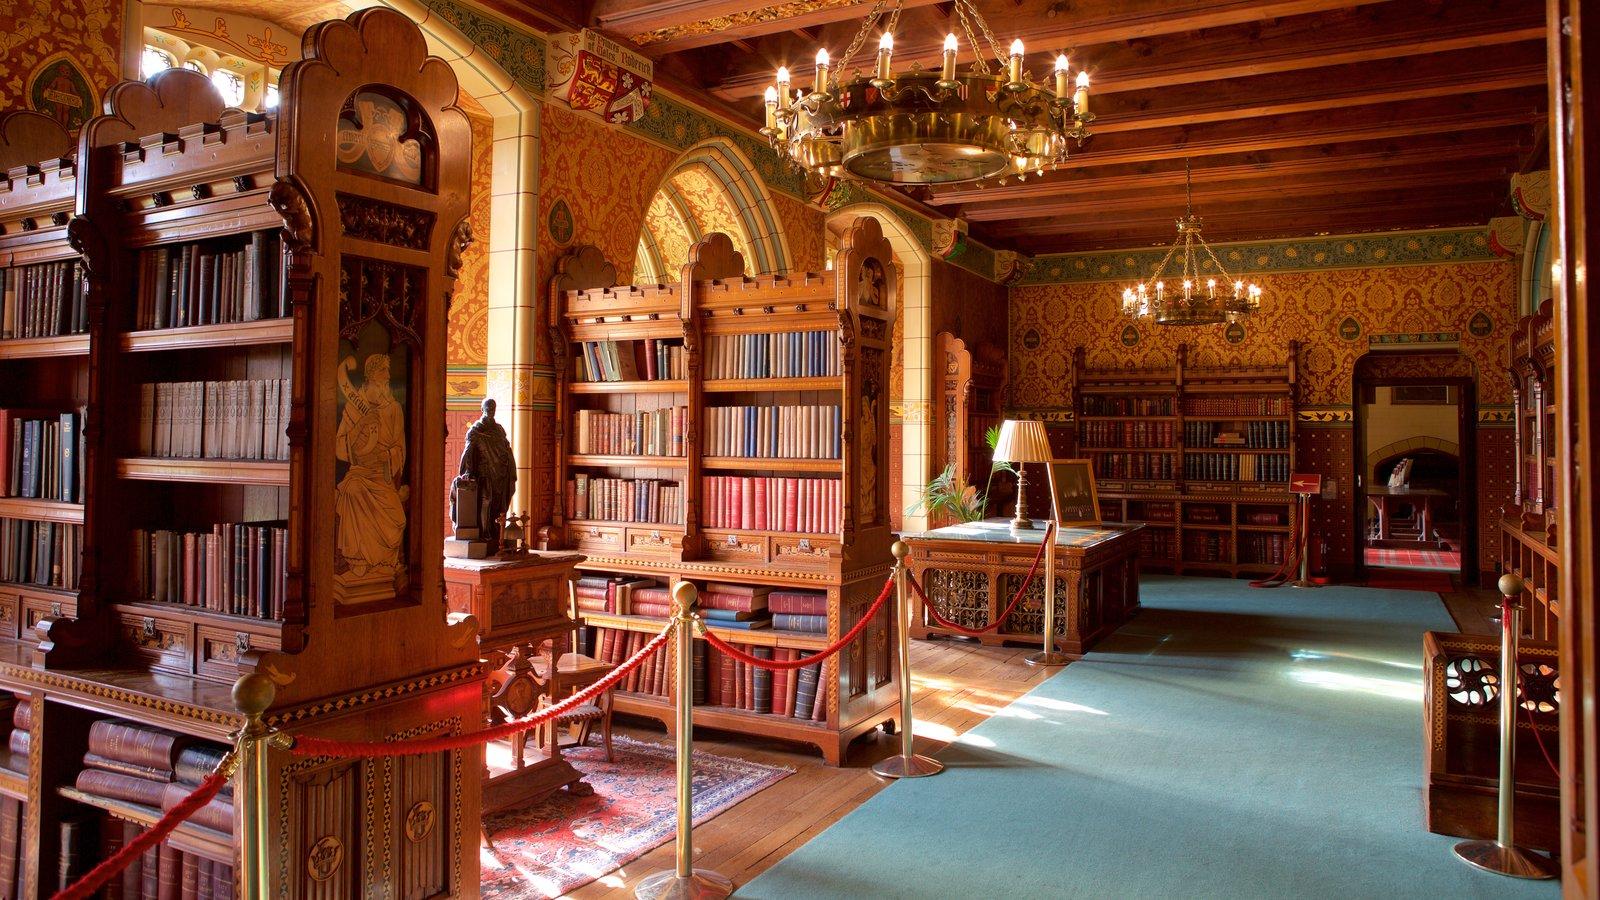 Castelo de Cardiff caracterizando arquitetura de patrimônio, elementos de patrimônio e um castelo